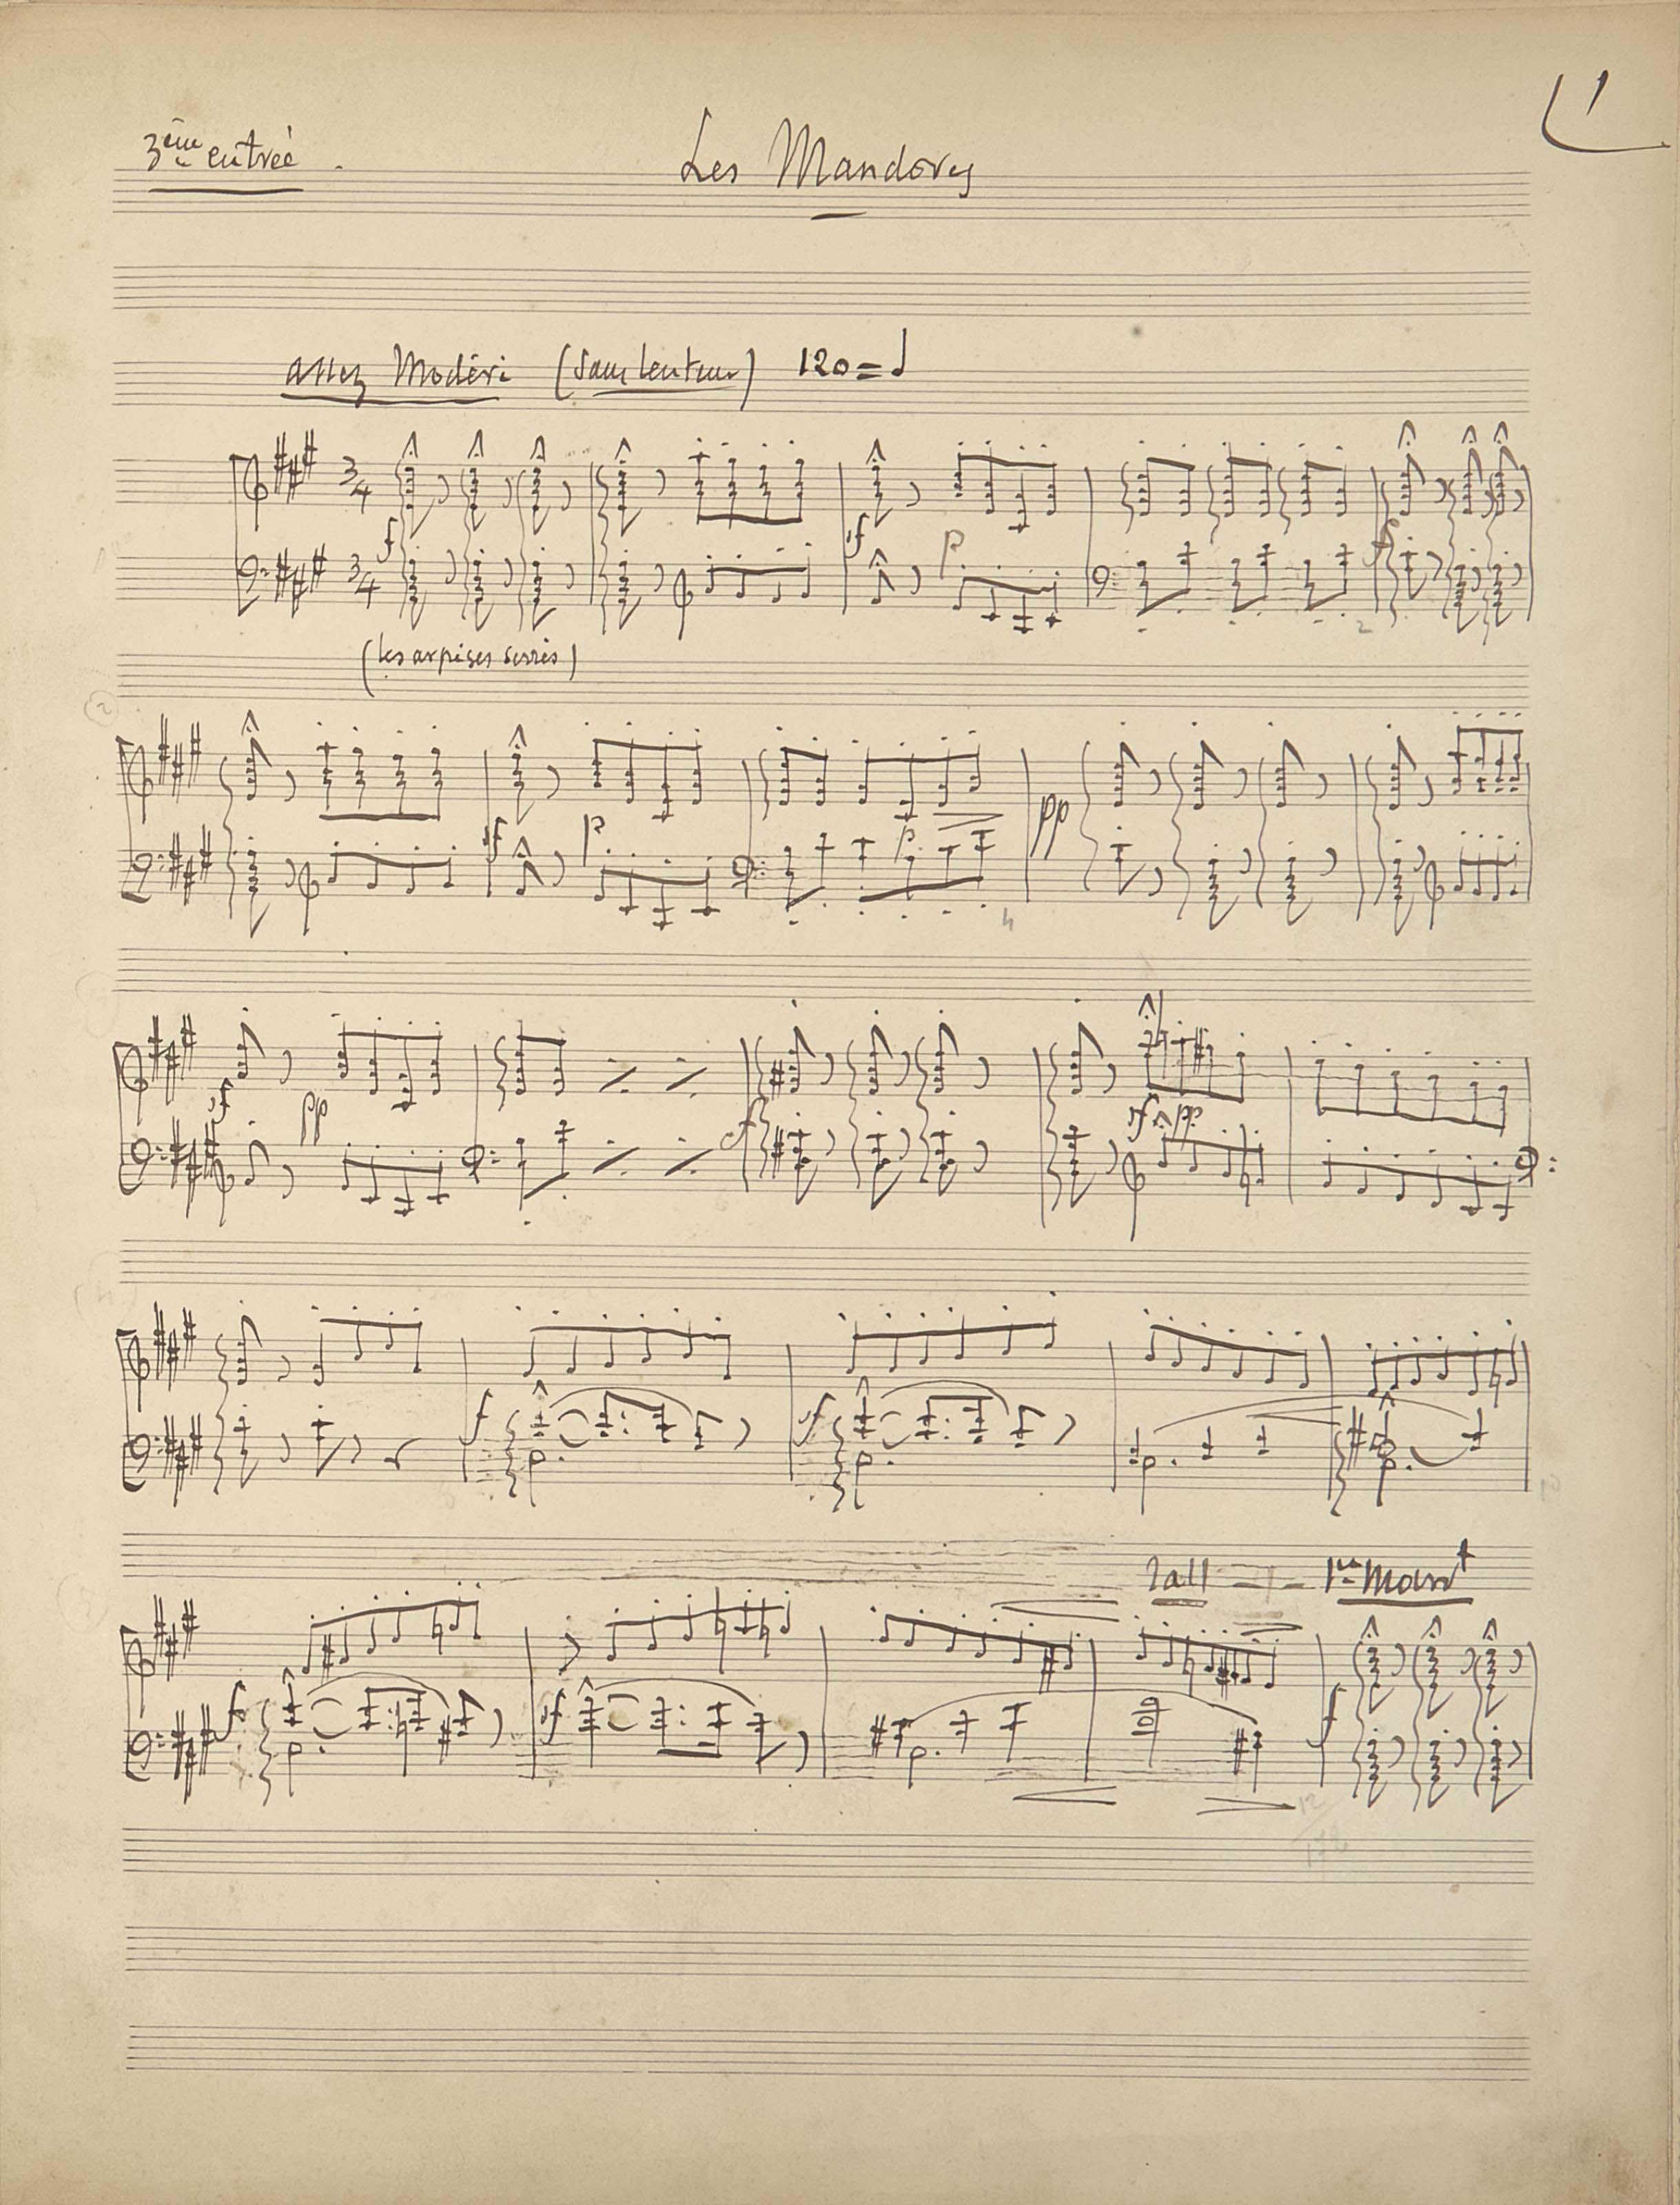 """MASSENET, Jules (1842-1912). Manuscrit autographe musical, """"Les Mandores"""", marqué """"3ème entrée"""", pour piano, gratté et corrigé en plusieurs endroits, 90 mesures sur 4 pages in-4 (350 x 267 mm), montées sur onglets, dédicacé sur un feuillet préliminaire, """"quelques mesures manuscriptes du 2e acte de Cendrillon: (1898)  J. Massenet  Paris, 3 Nov. 1910"""". Cartonnage marbré. (Page de dédicace brunie et déchirée)."""